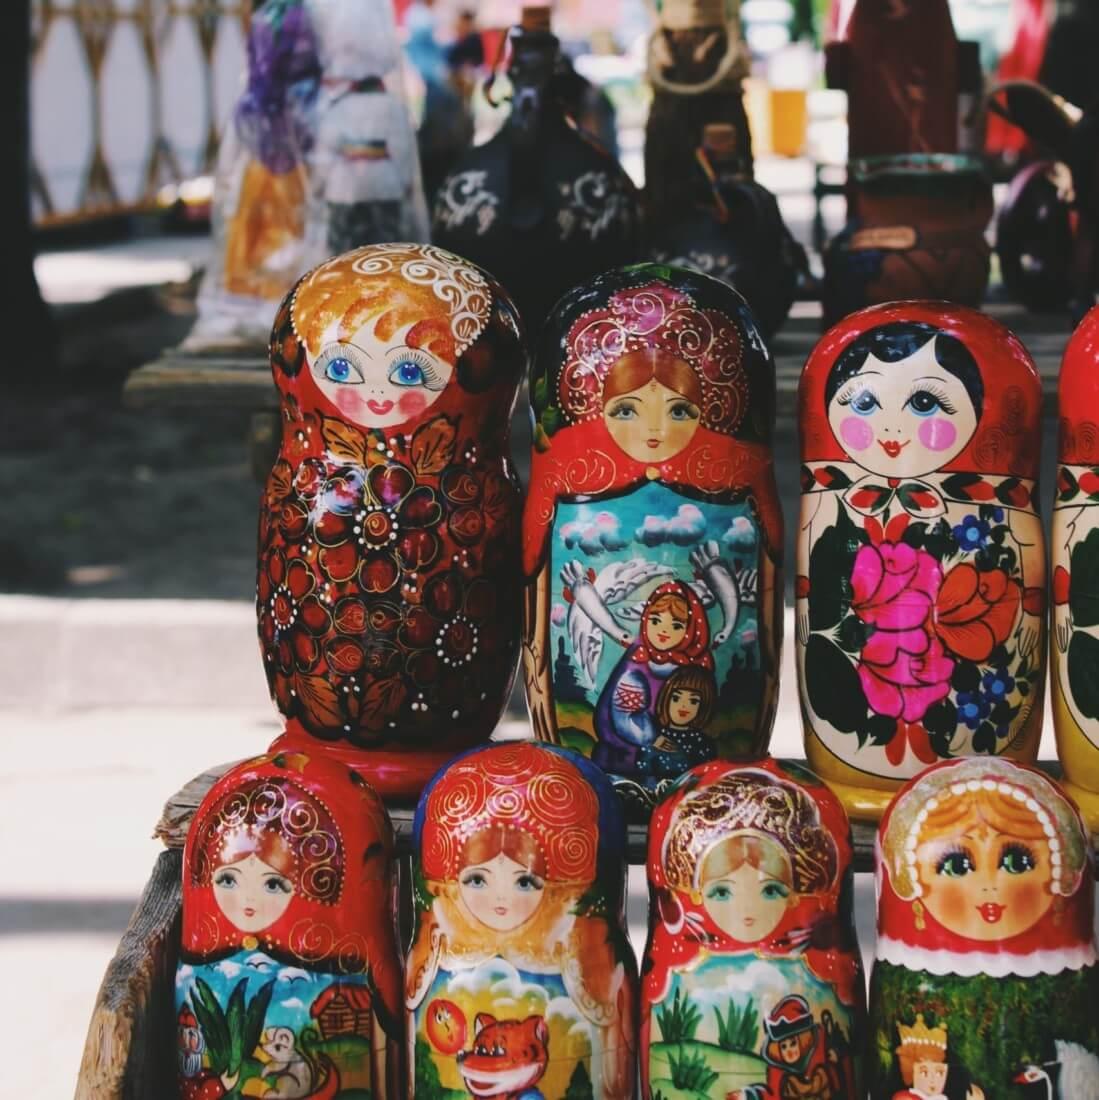 russische Matrjoschka Puppen